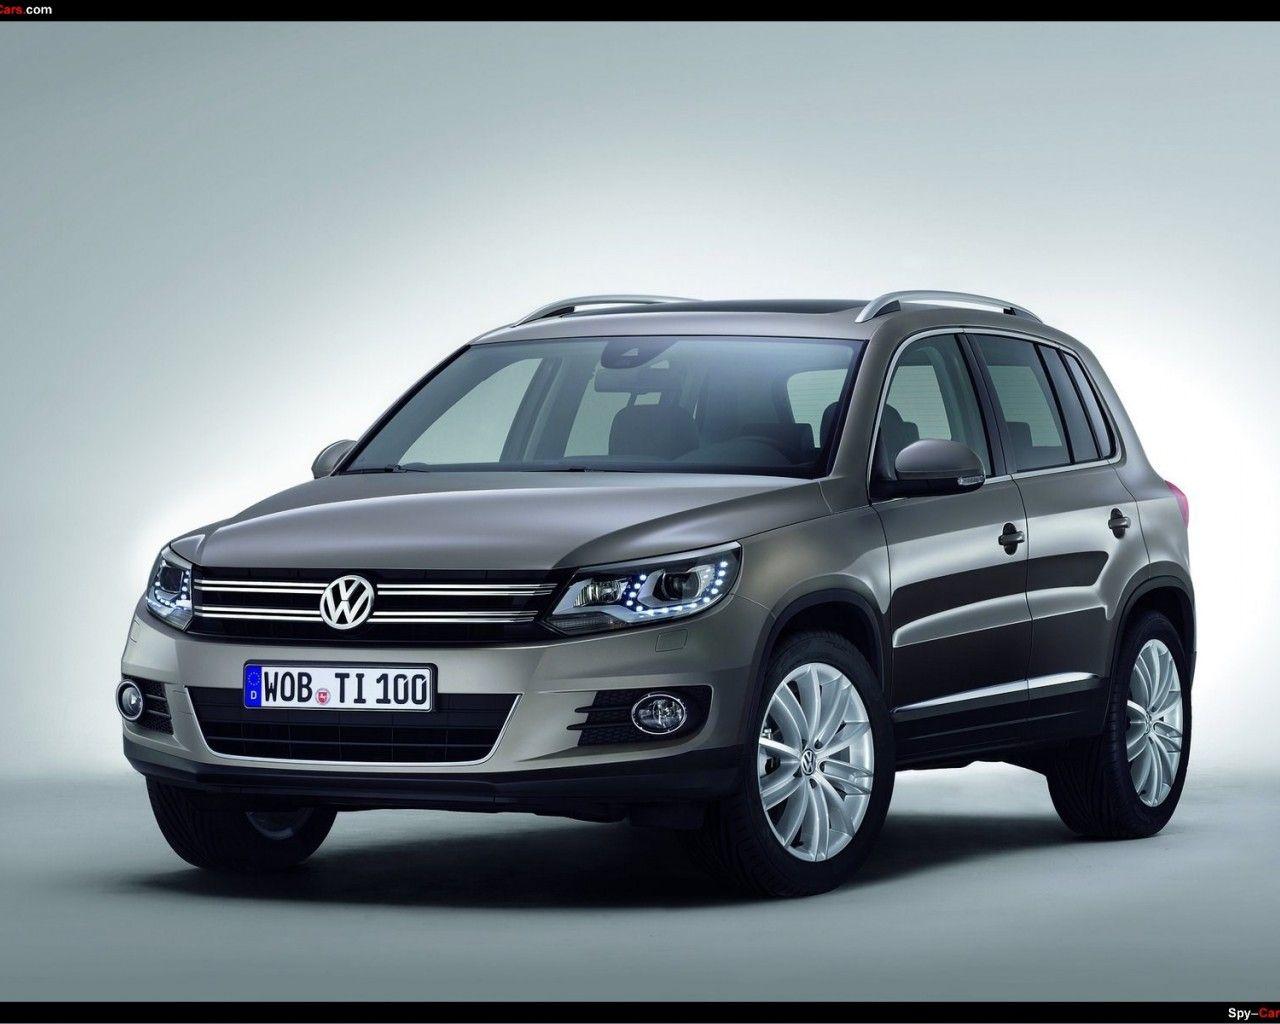 2012 volkswagen tiguan price specs and features